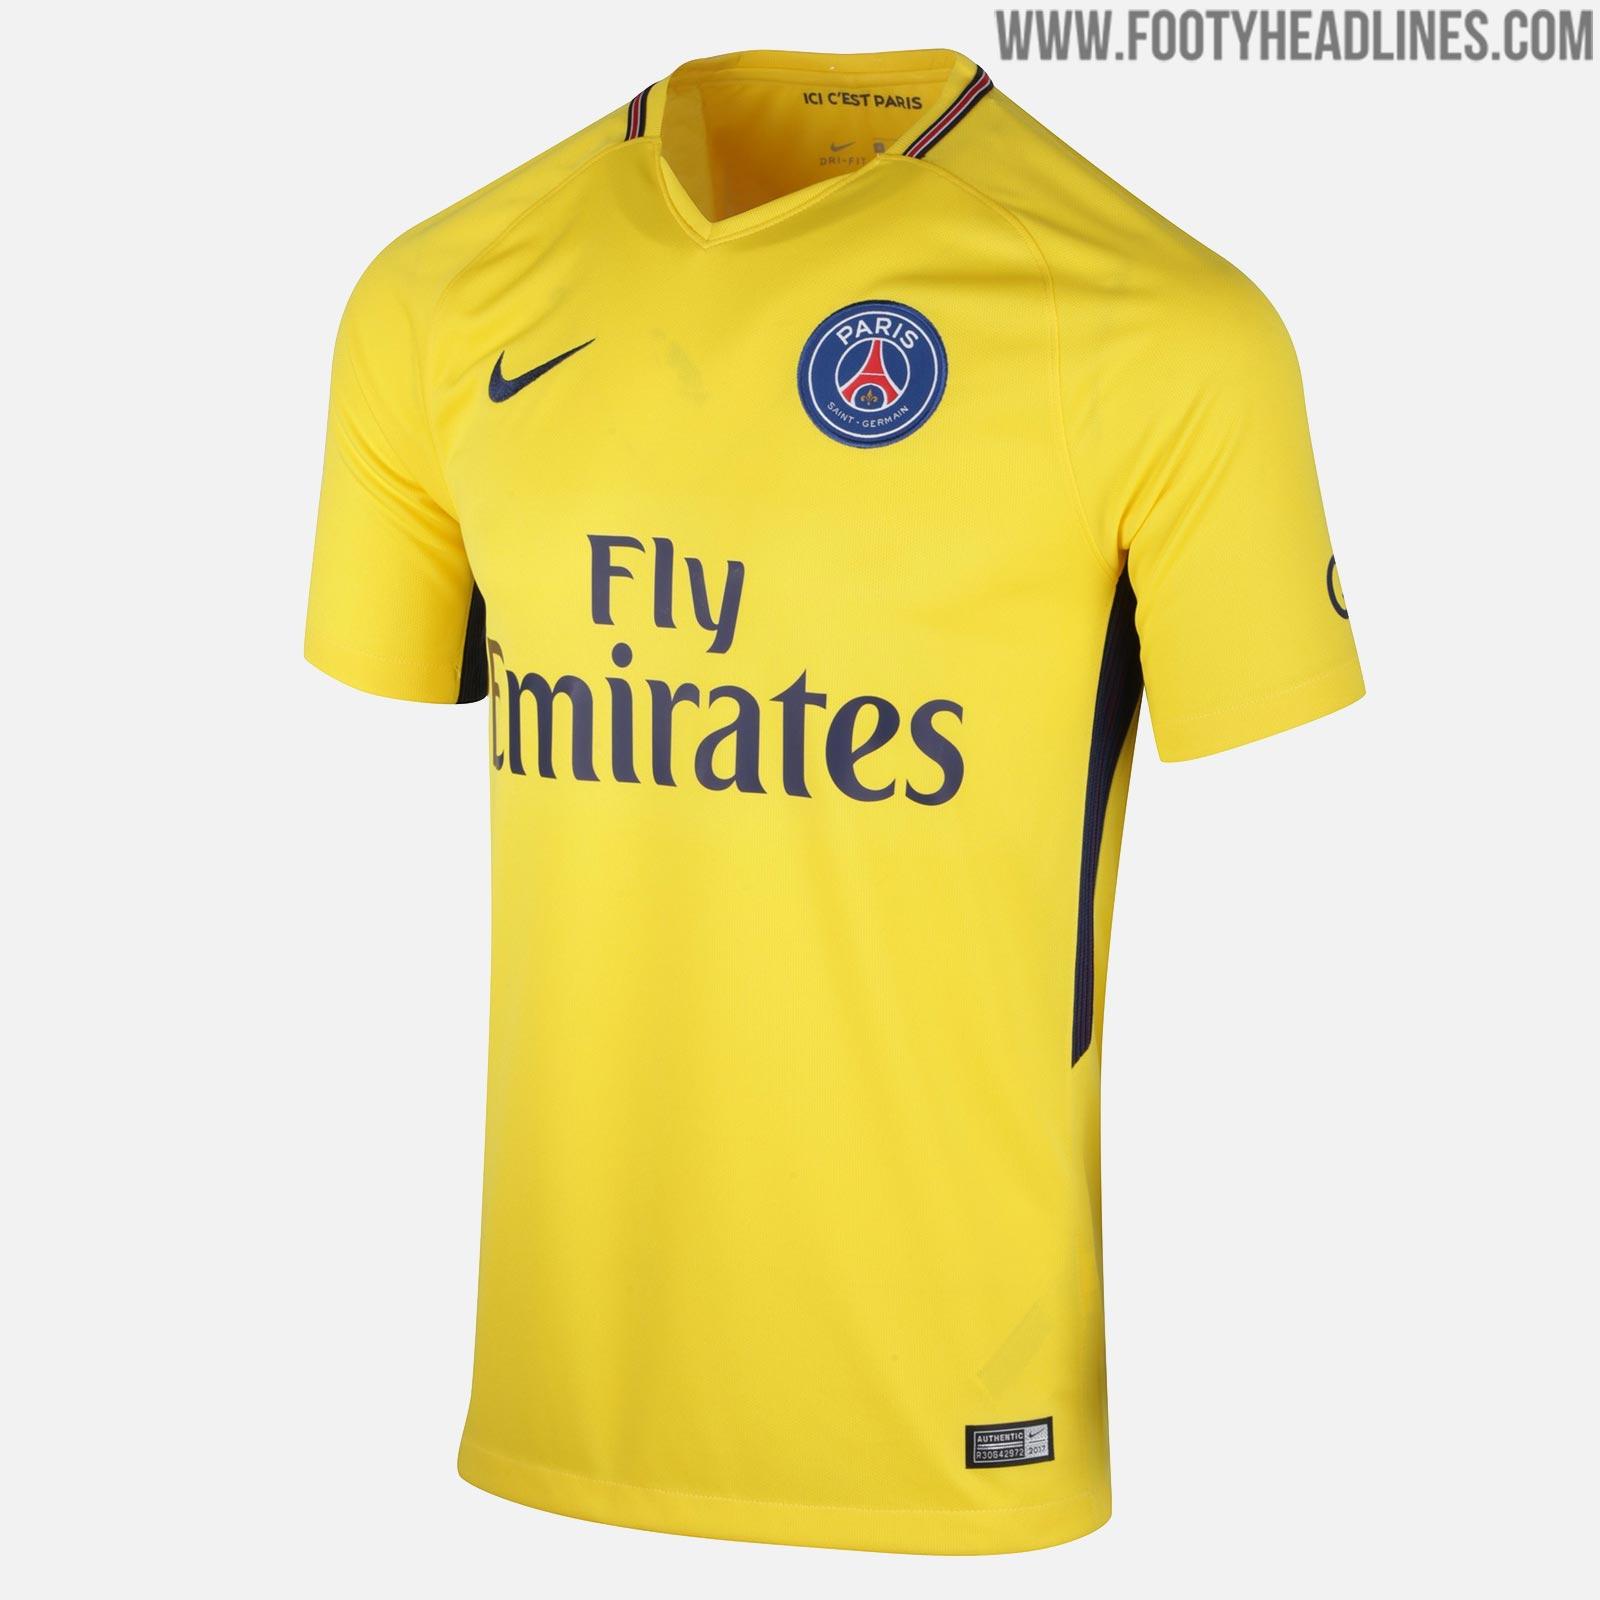 0d187319 Top 10 Paris Saint-Germain Kits In History - Footy Headlines